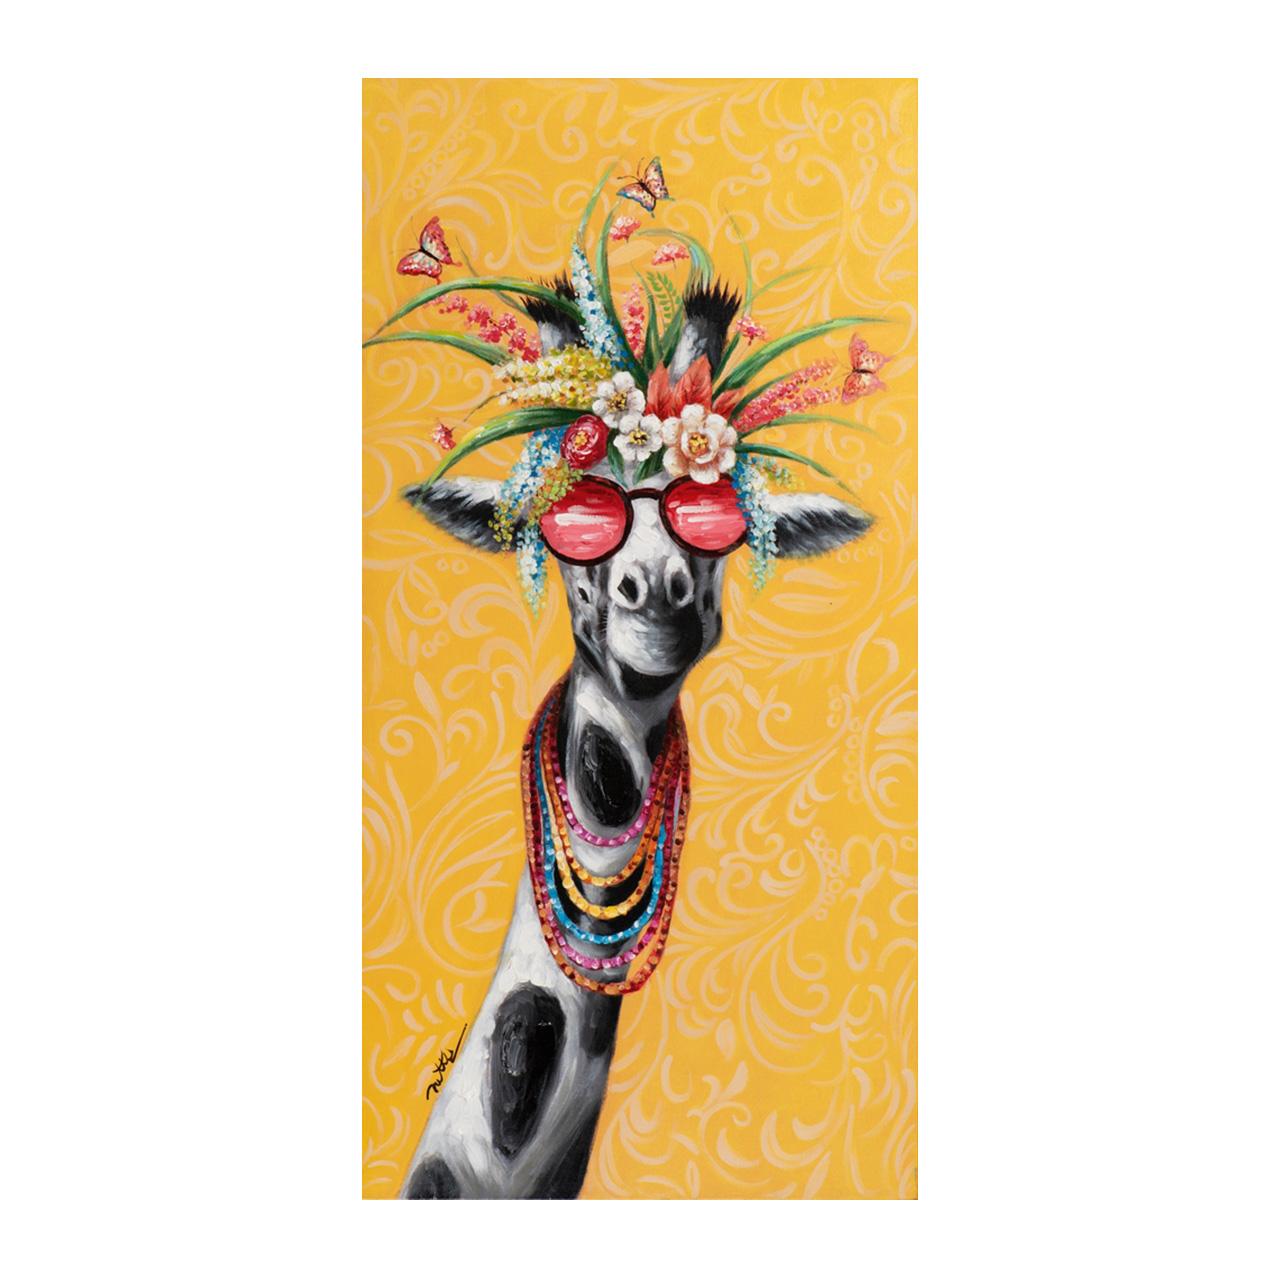 Imageland Bild Lustige Giraffe mit Blumen